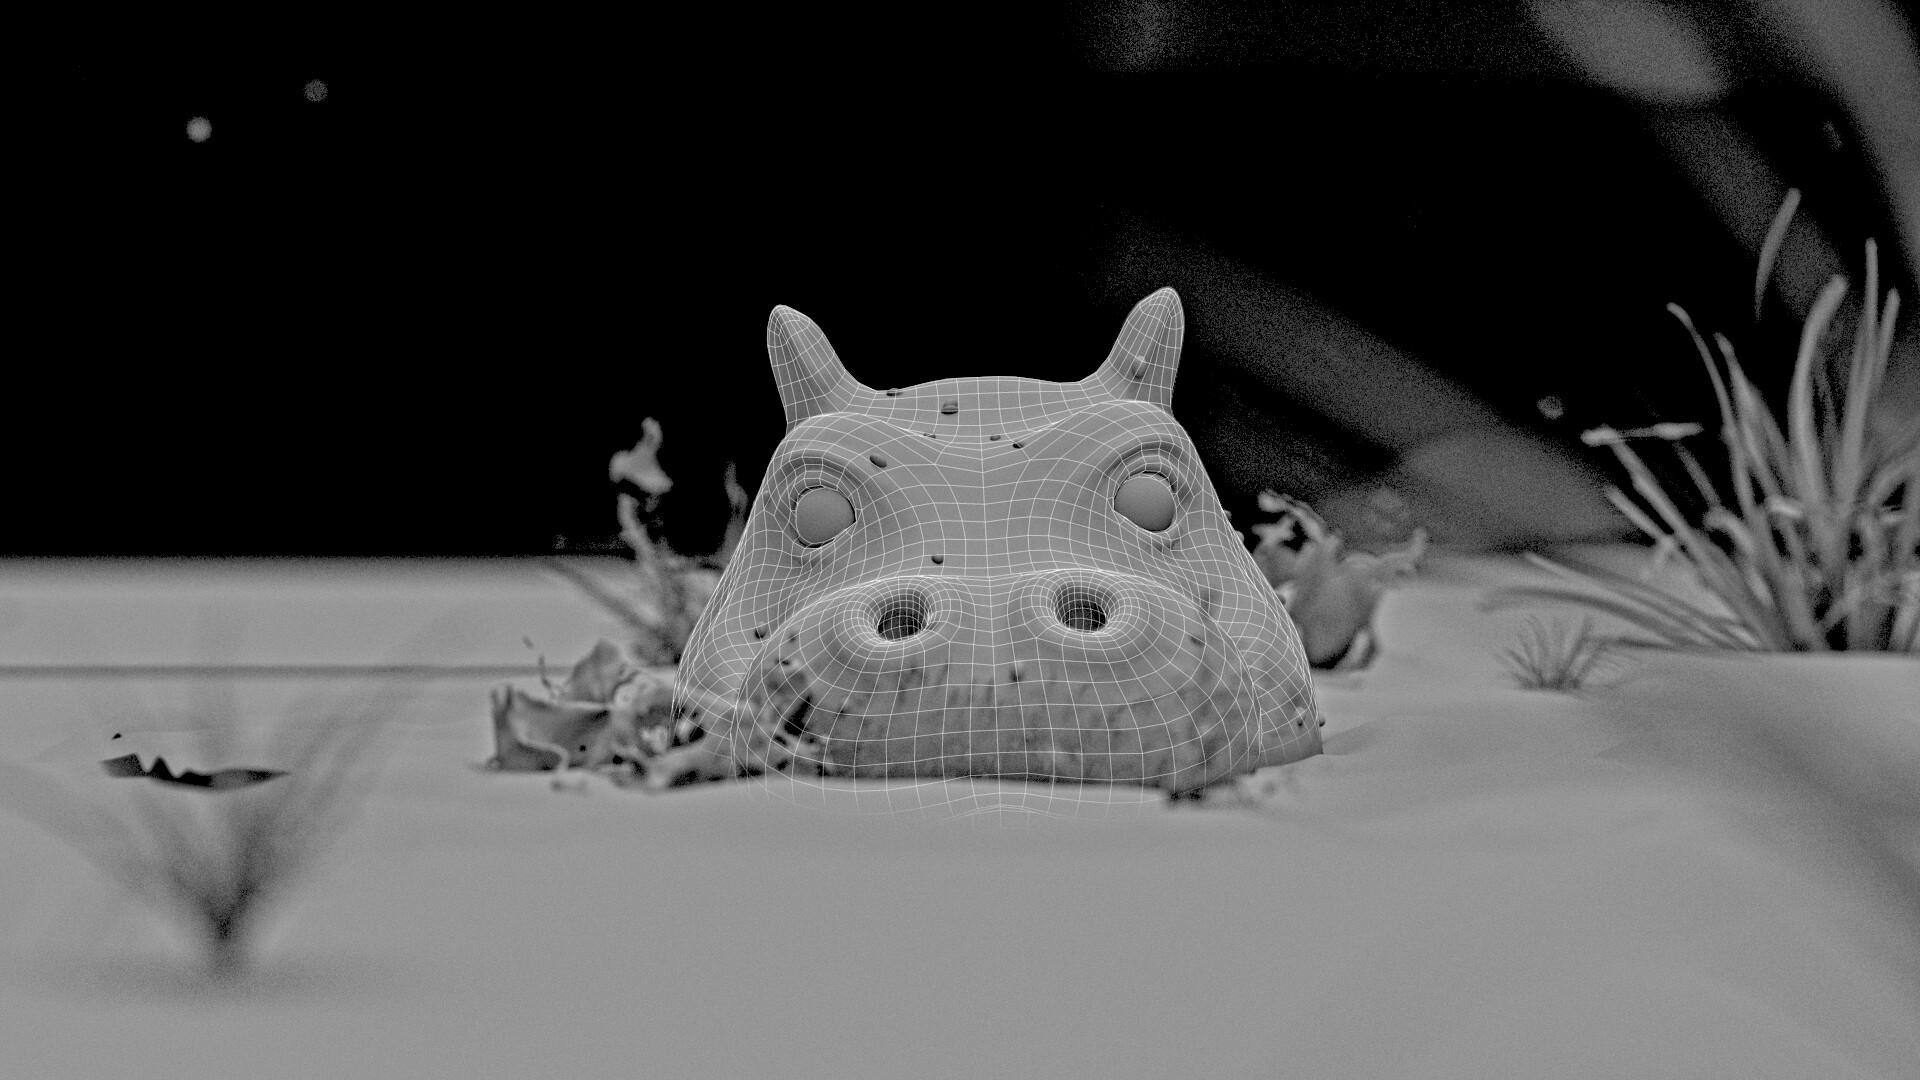 Michelangelo girardi ig hippo4